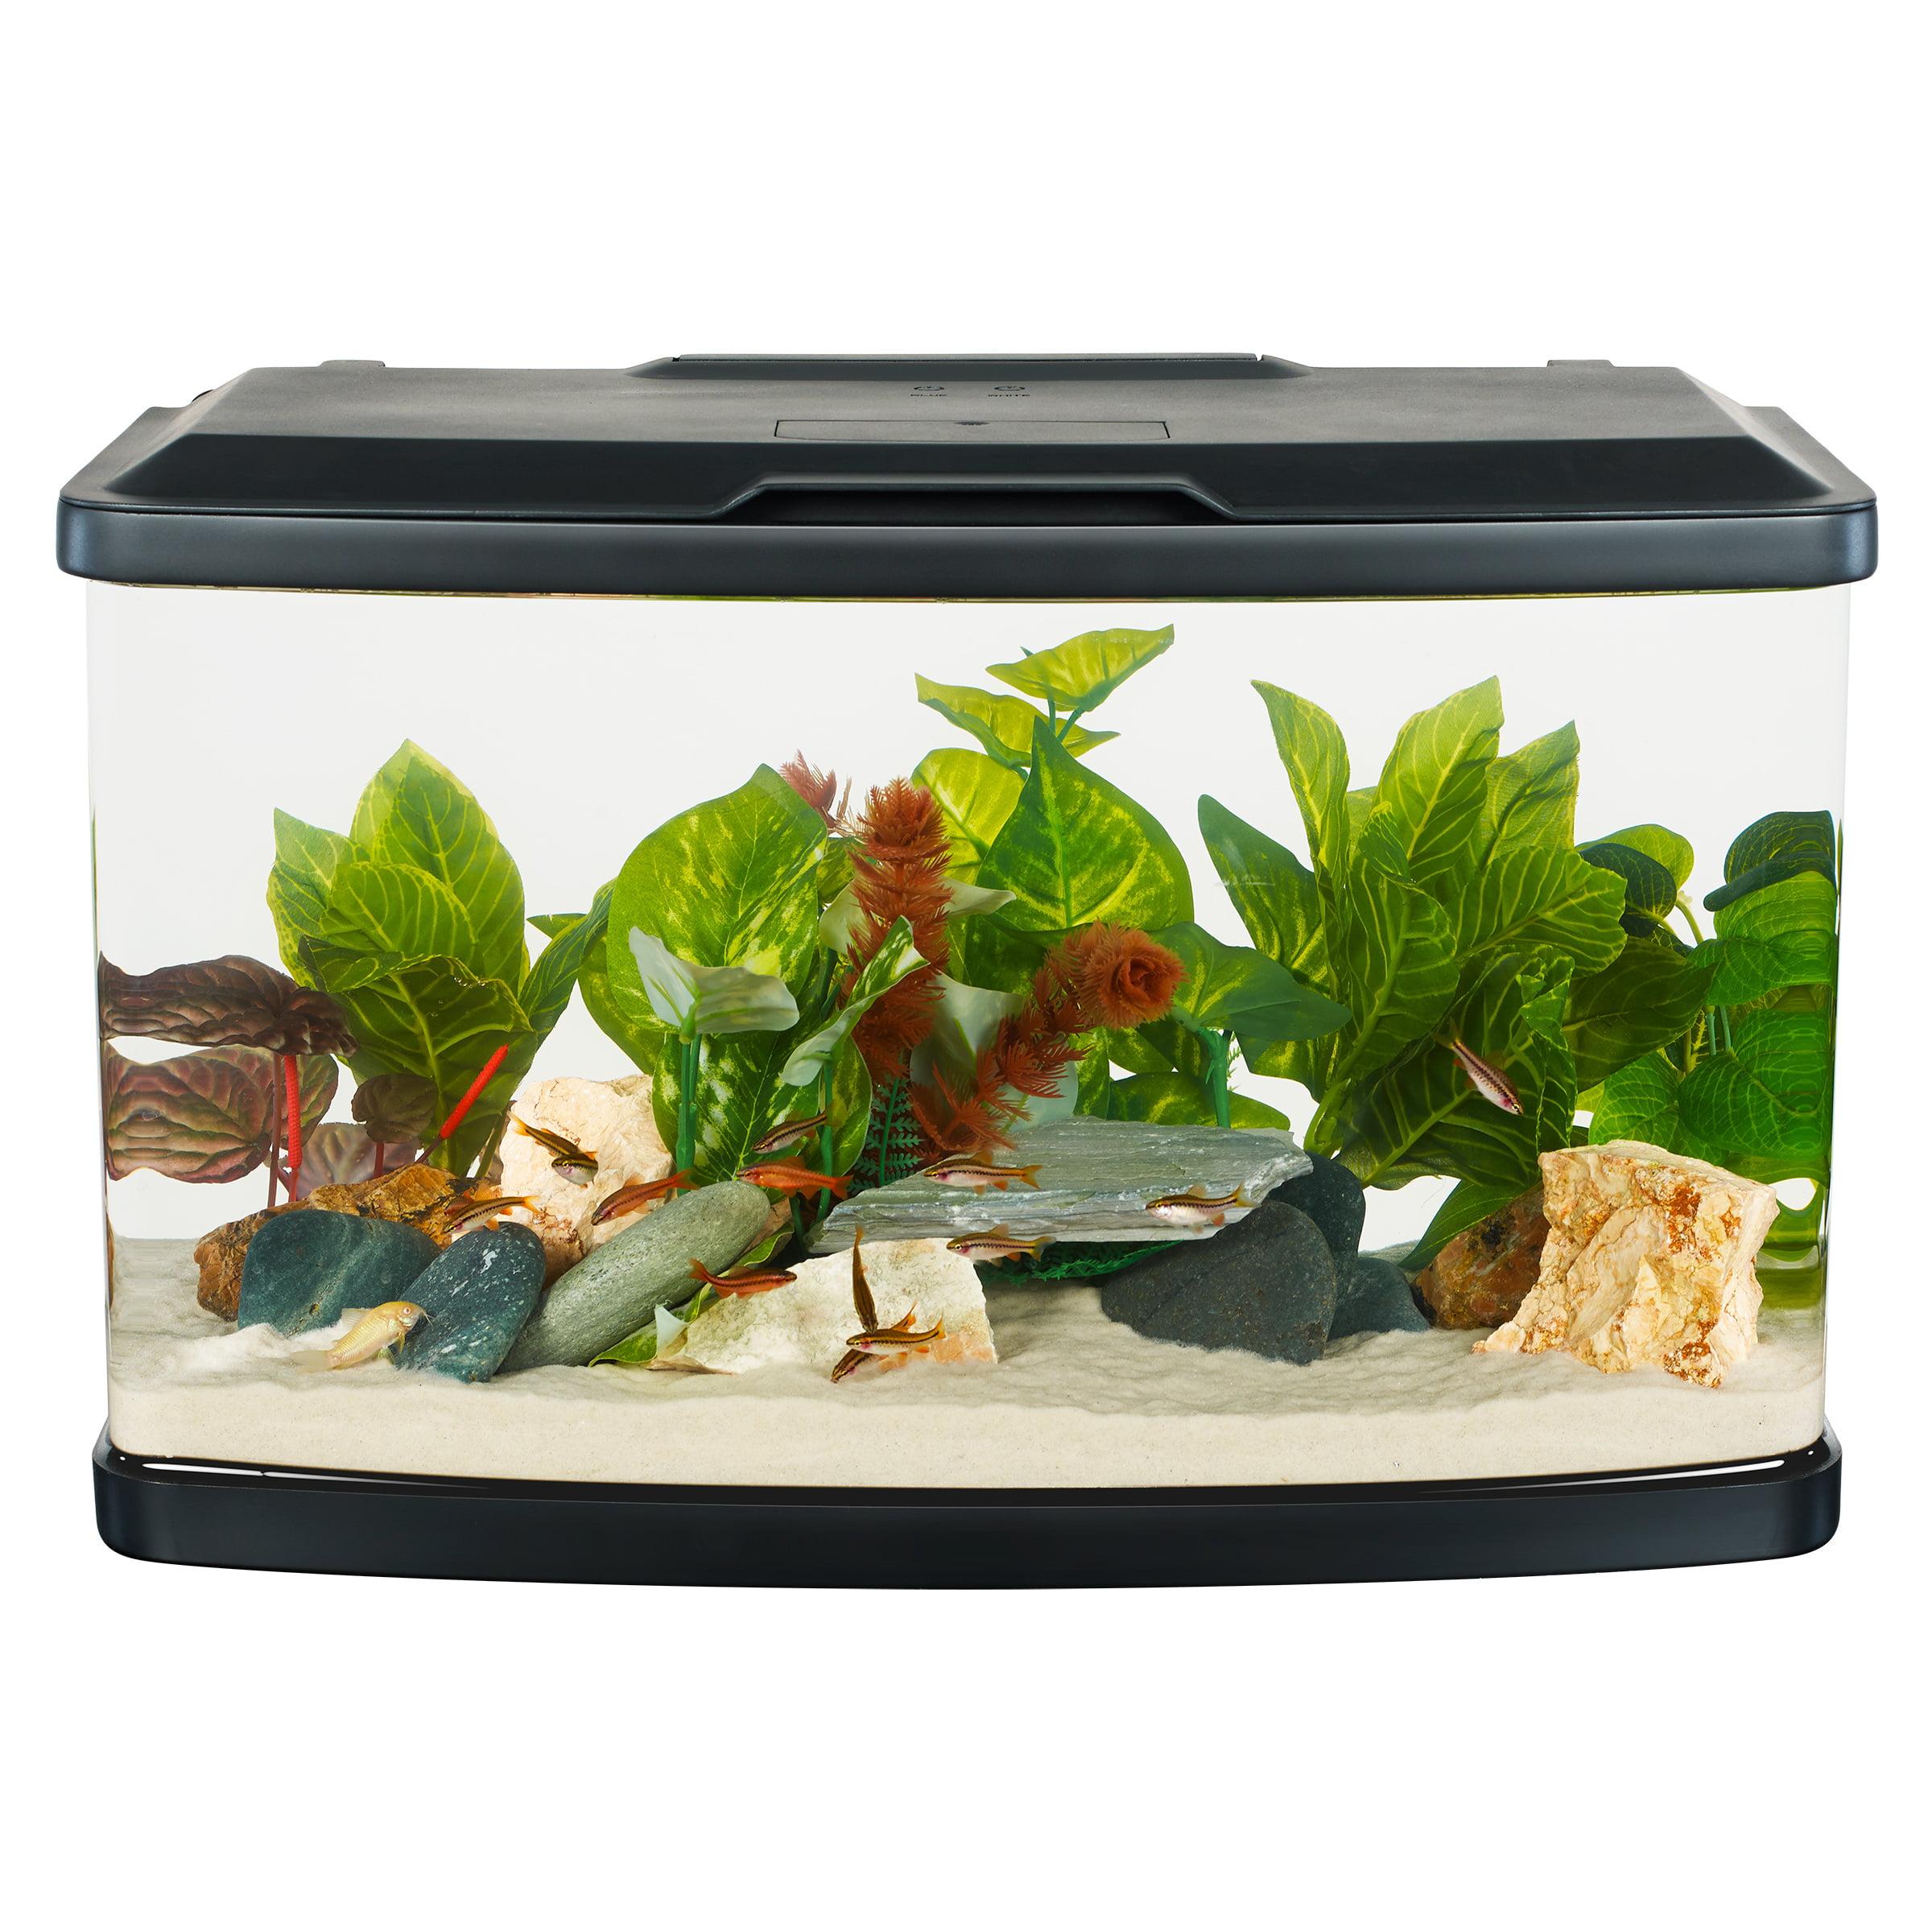 Fluval 8.5-Gallon Vista Aquarium Kit by Hagen